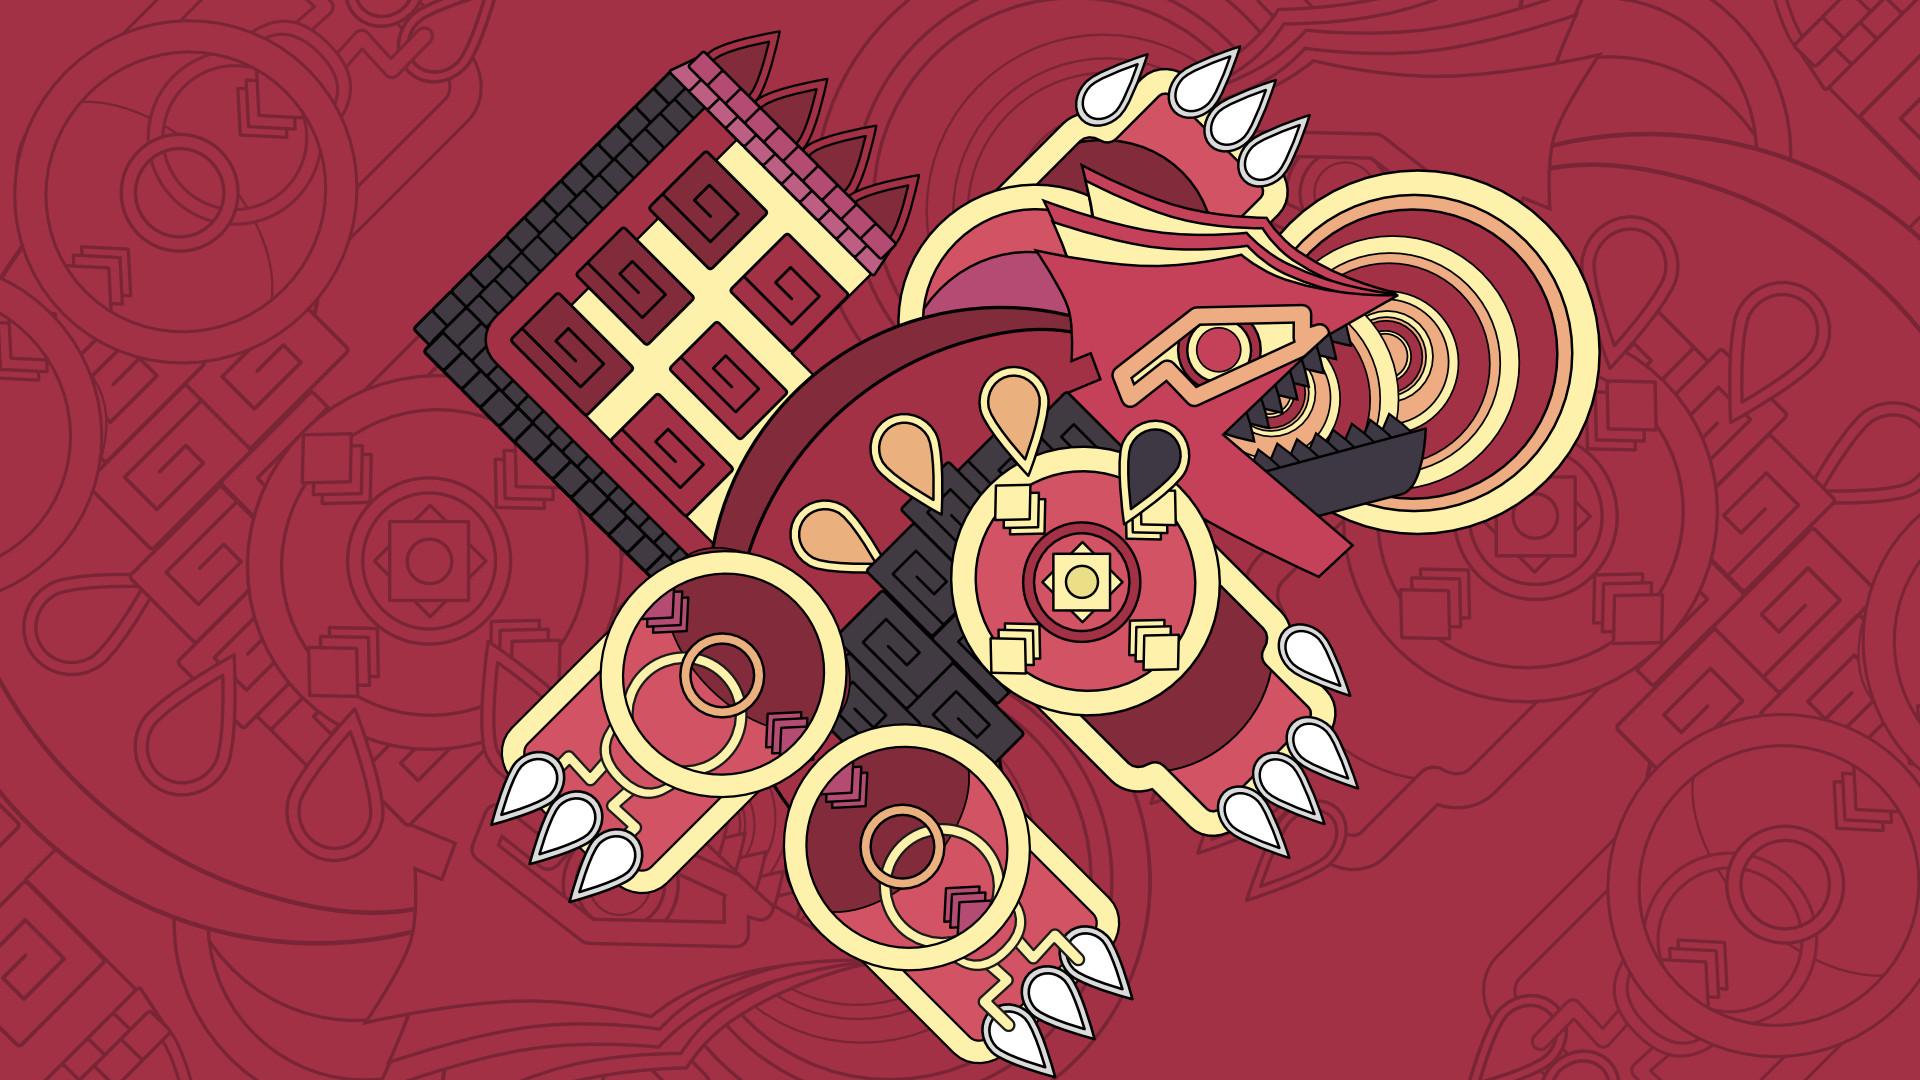 Awesome Groudon symbol *.*